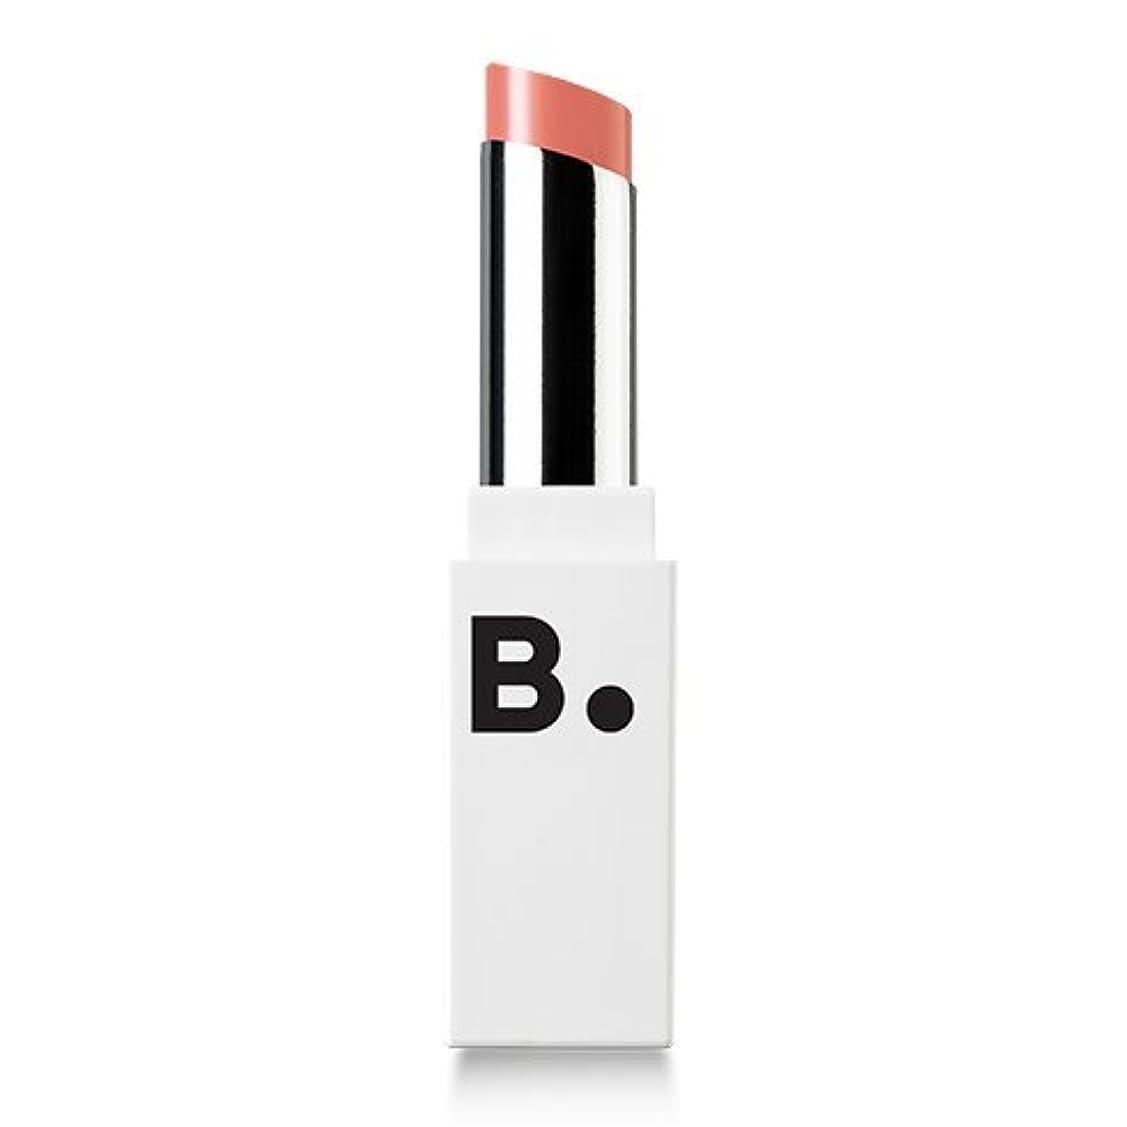 フォーラム脆いウェイドBANILA CO Lip Draw Melting Serum Stick 4.2g/バニラコ リップ ドロー メルティング セラム スティック 4.2g (#SBE01 By Beige) [並行輸入品]